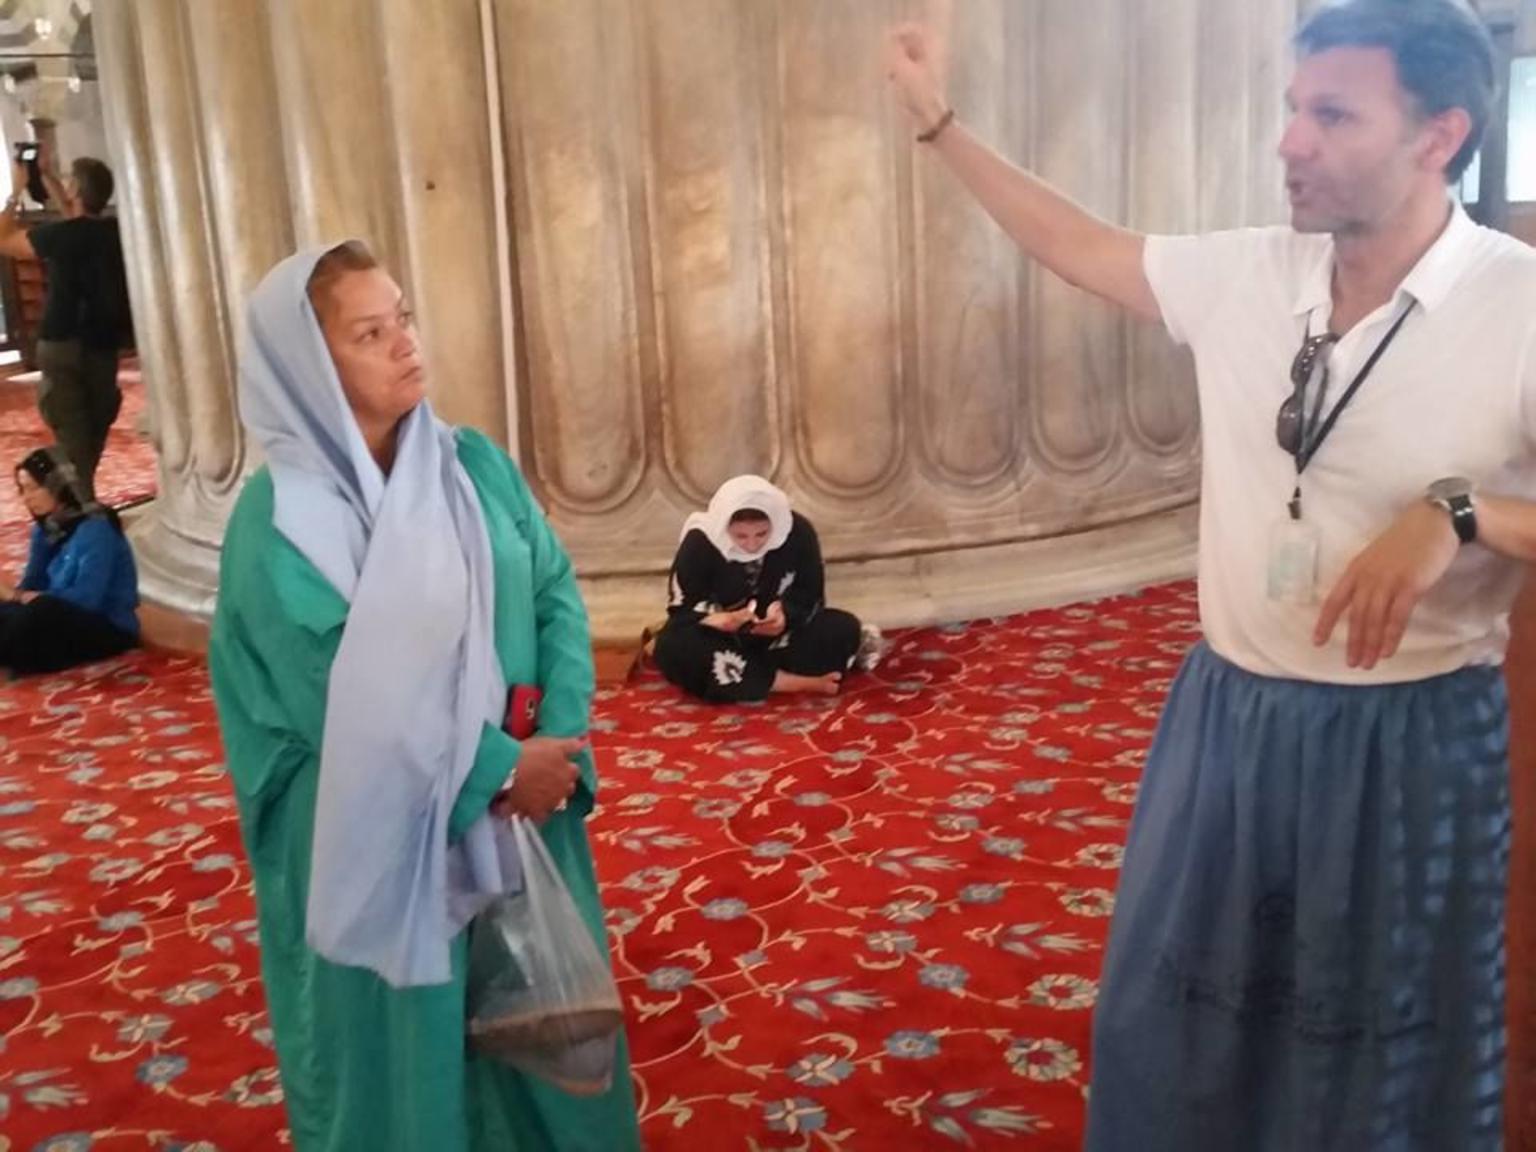 MAIS FOTOS, Dia inteiro: Excursão clássica em Istambul, incluindo Mesquita Azul, Hipódromo, Santa Sofia e Palácio de Topkapi